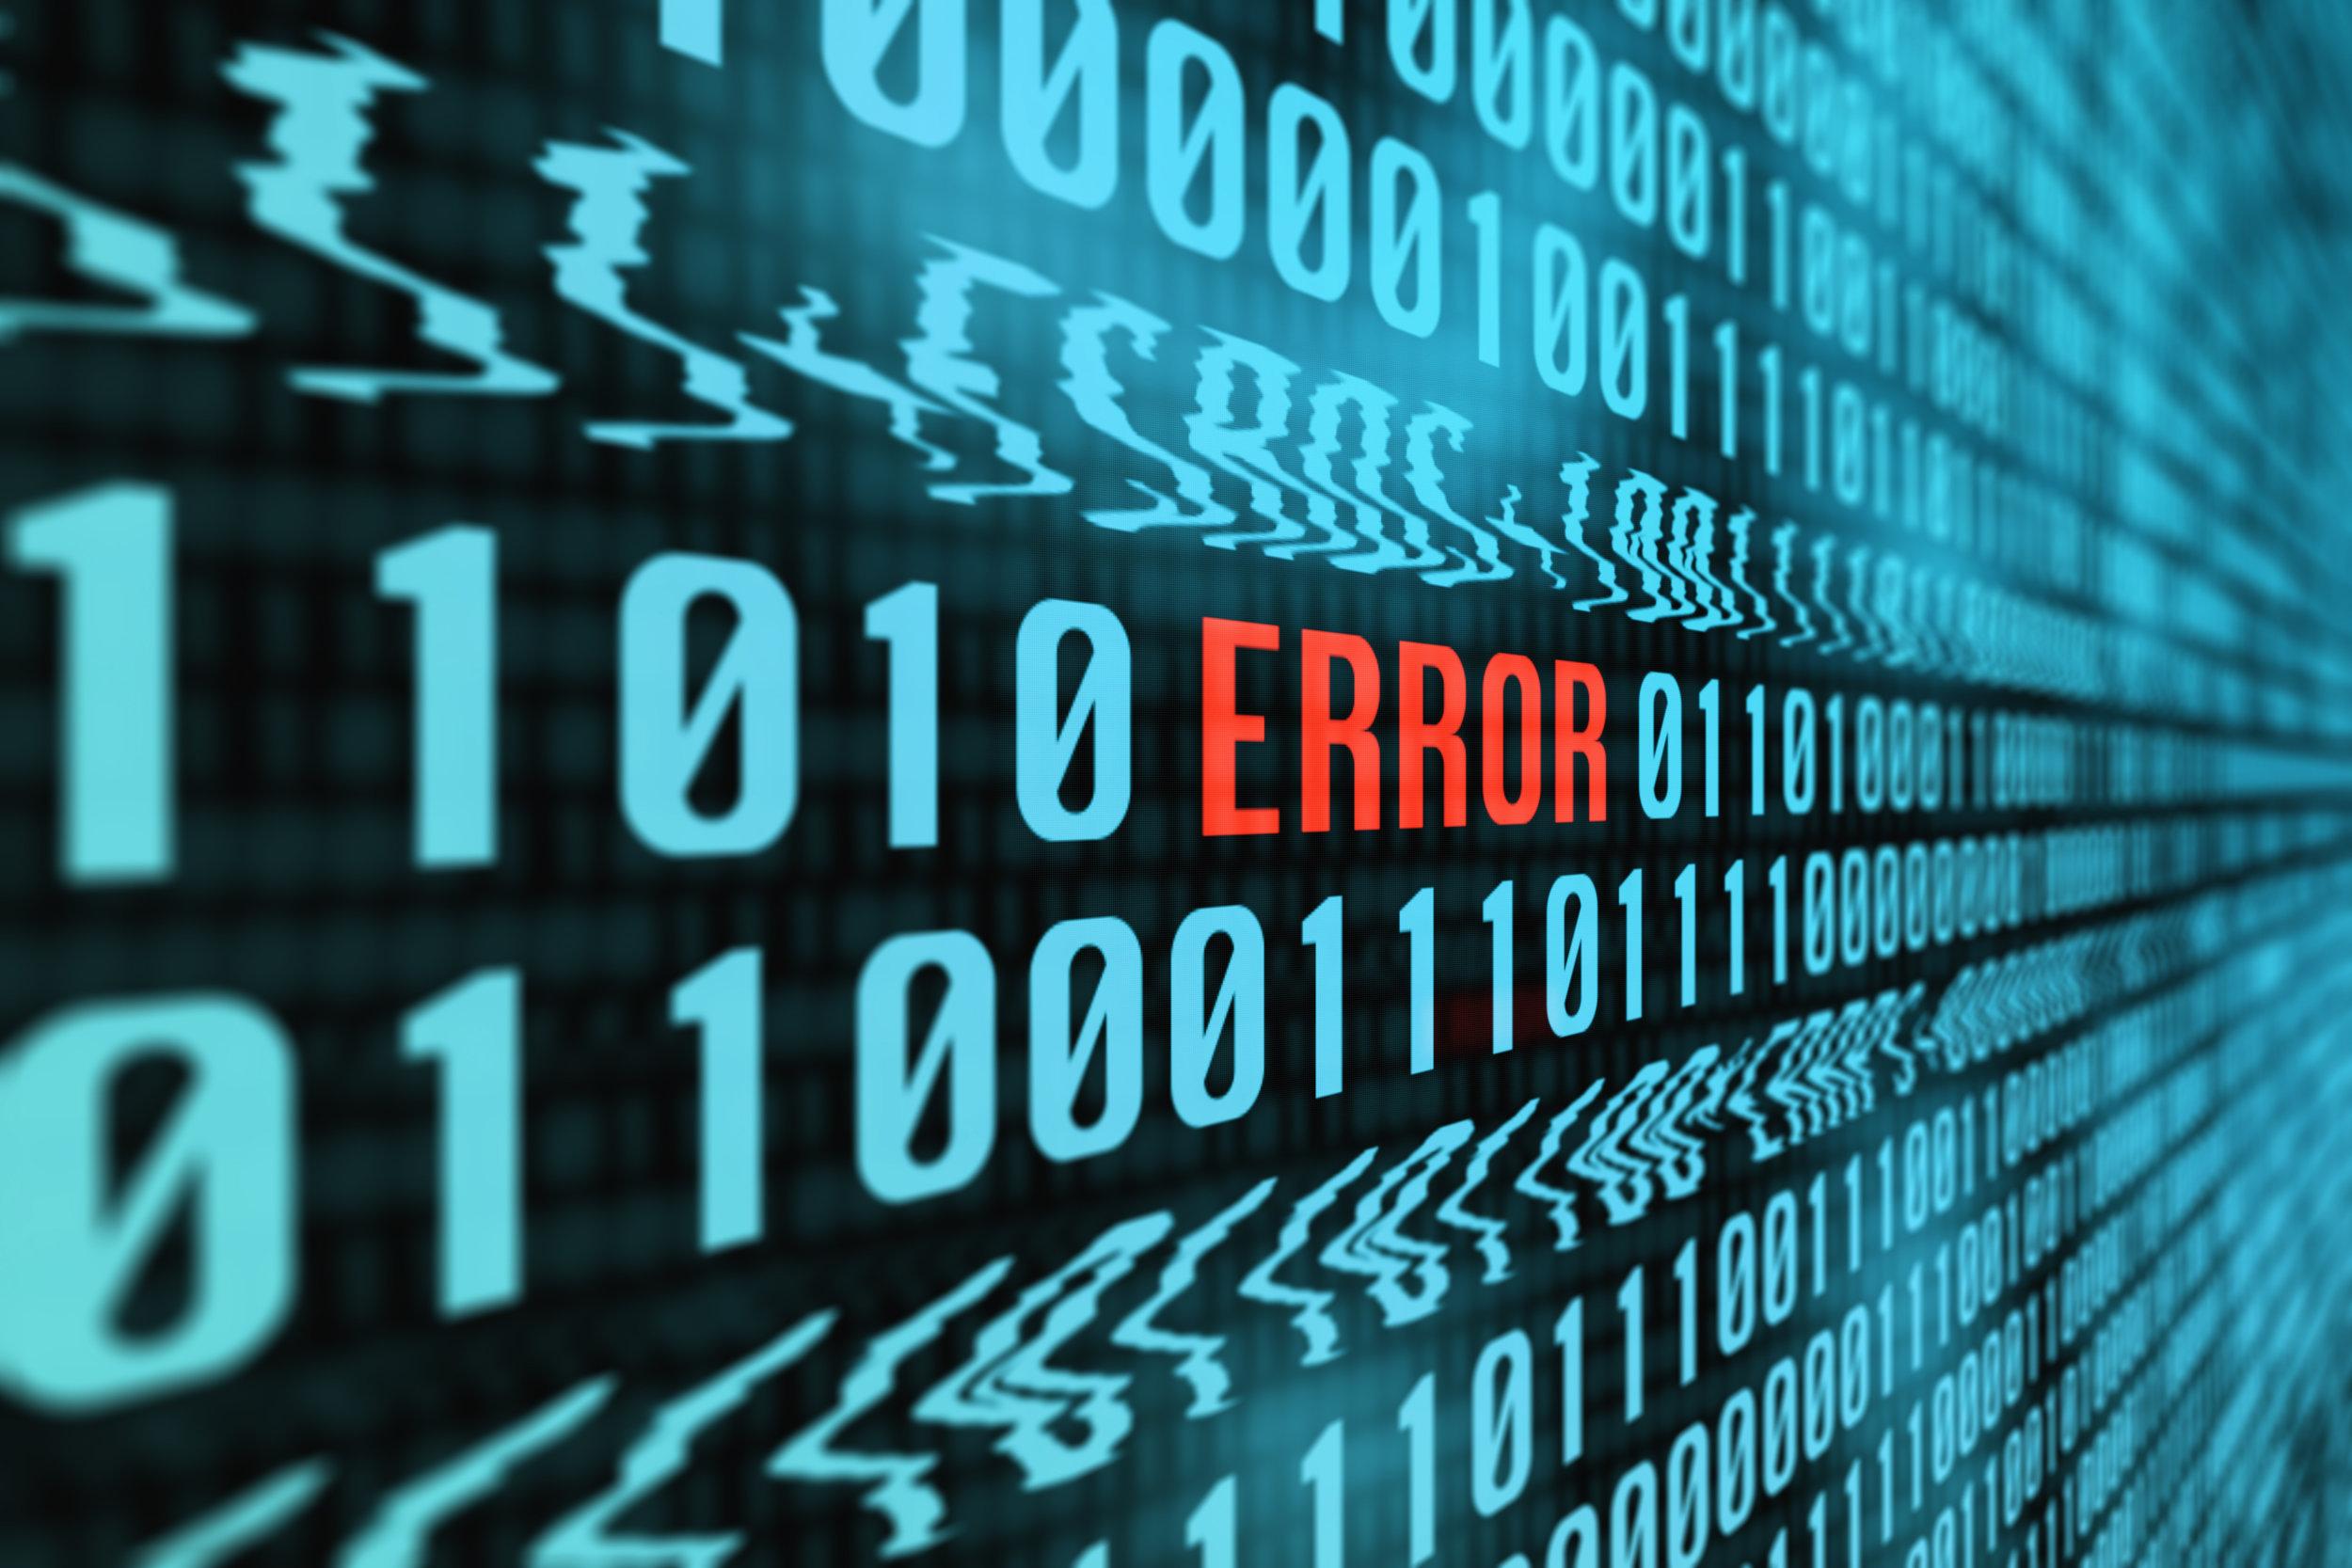 Error in code.jpeg